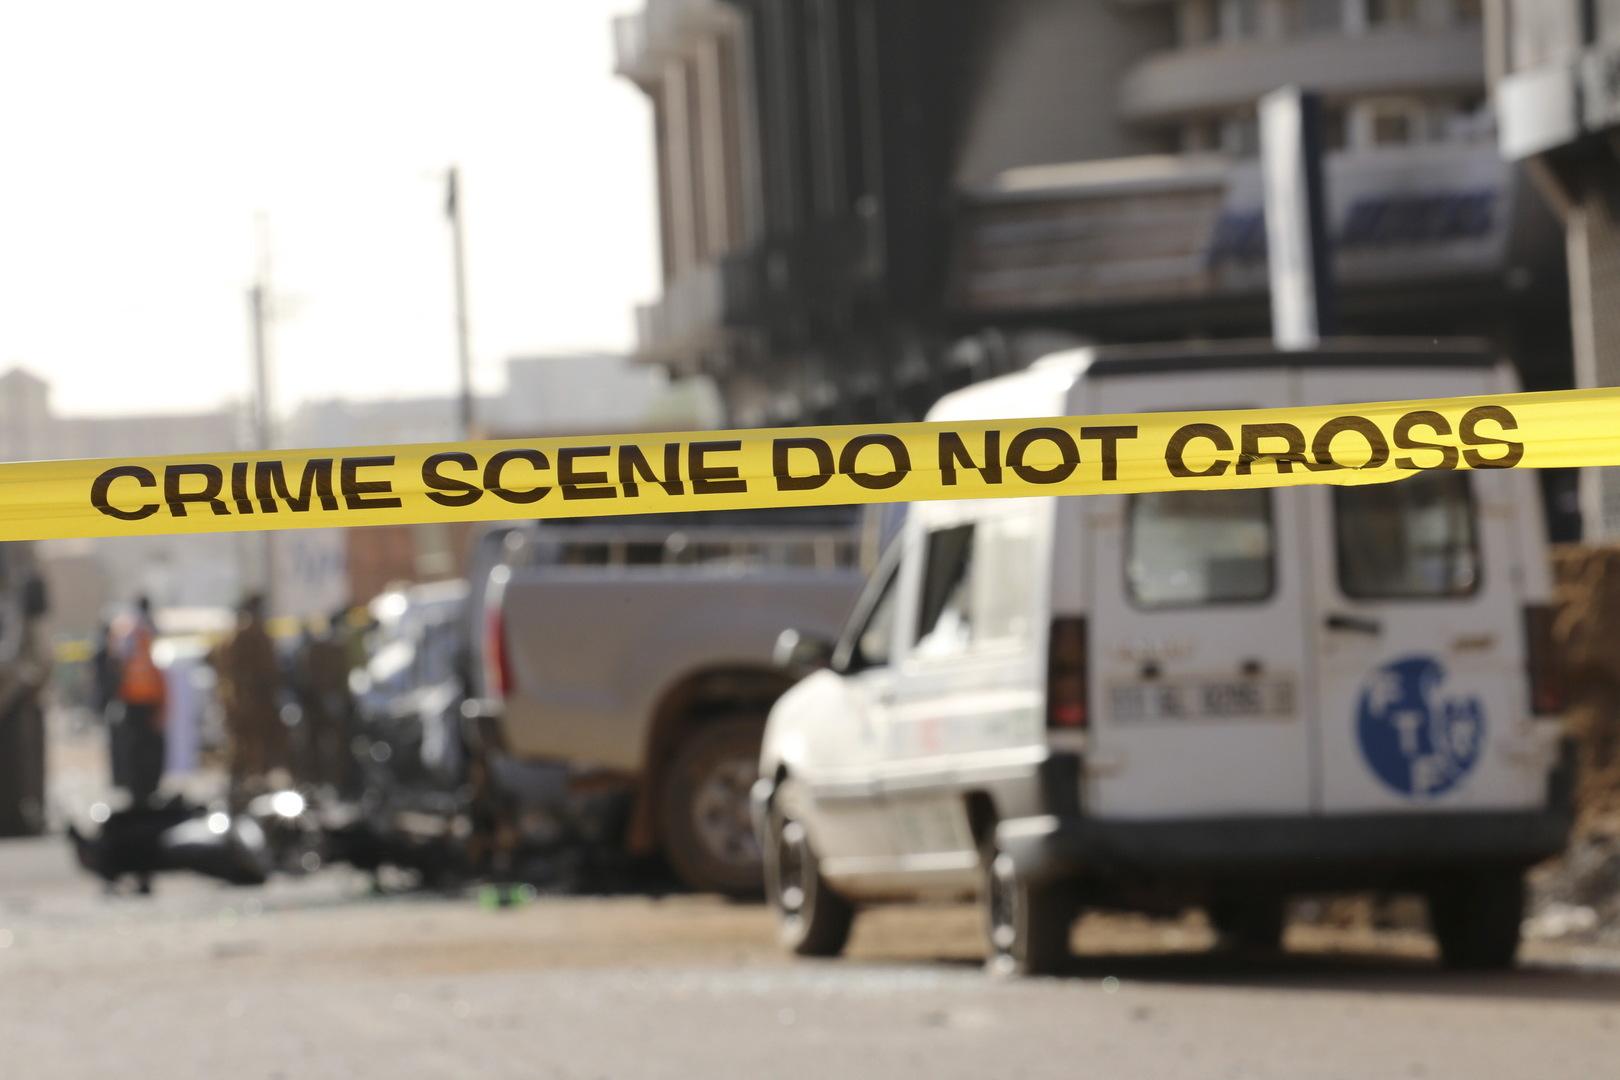 مقتل امرأتين وطفل بانفجار عبوة ناسفة في شمال بوركينا فاسو